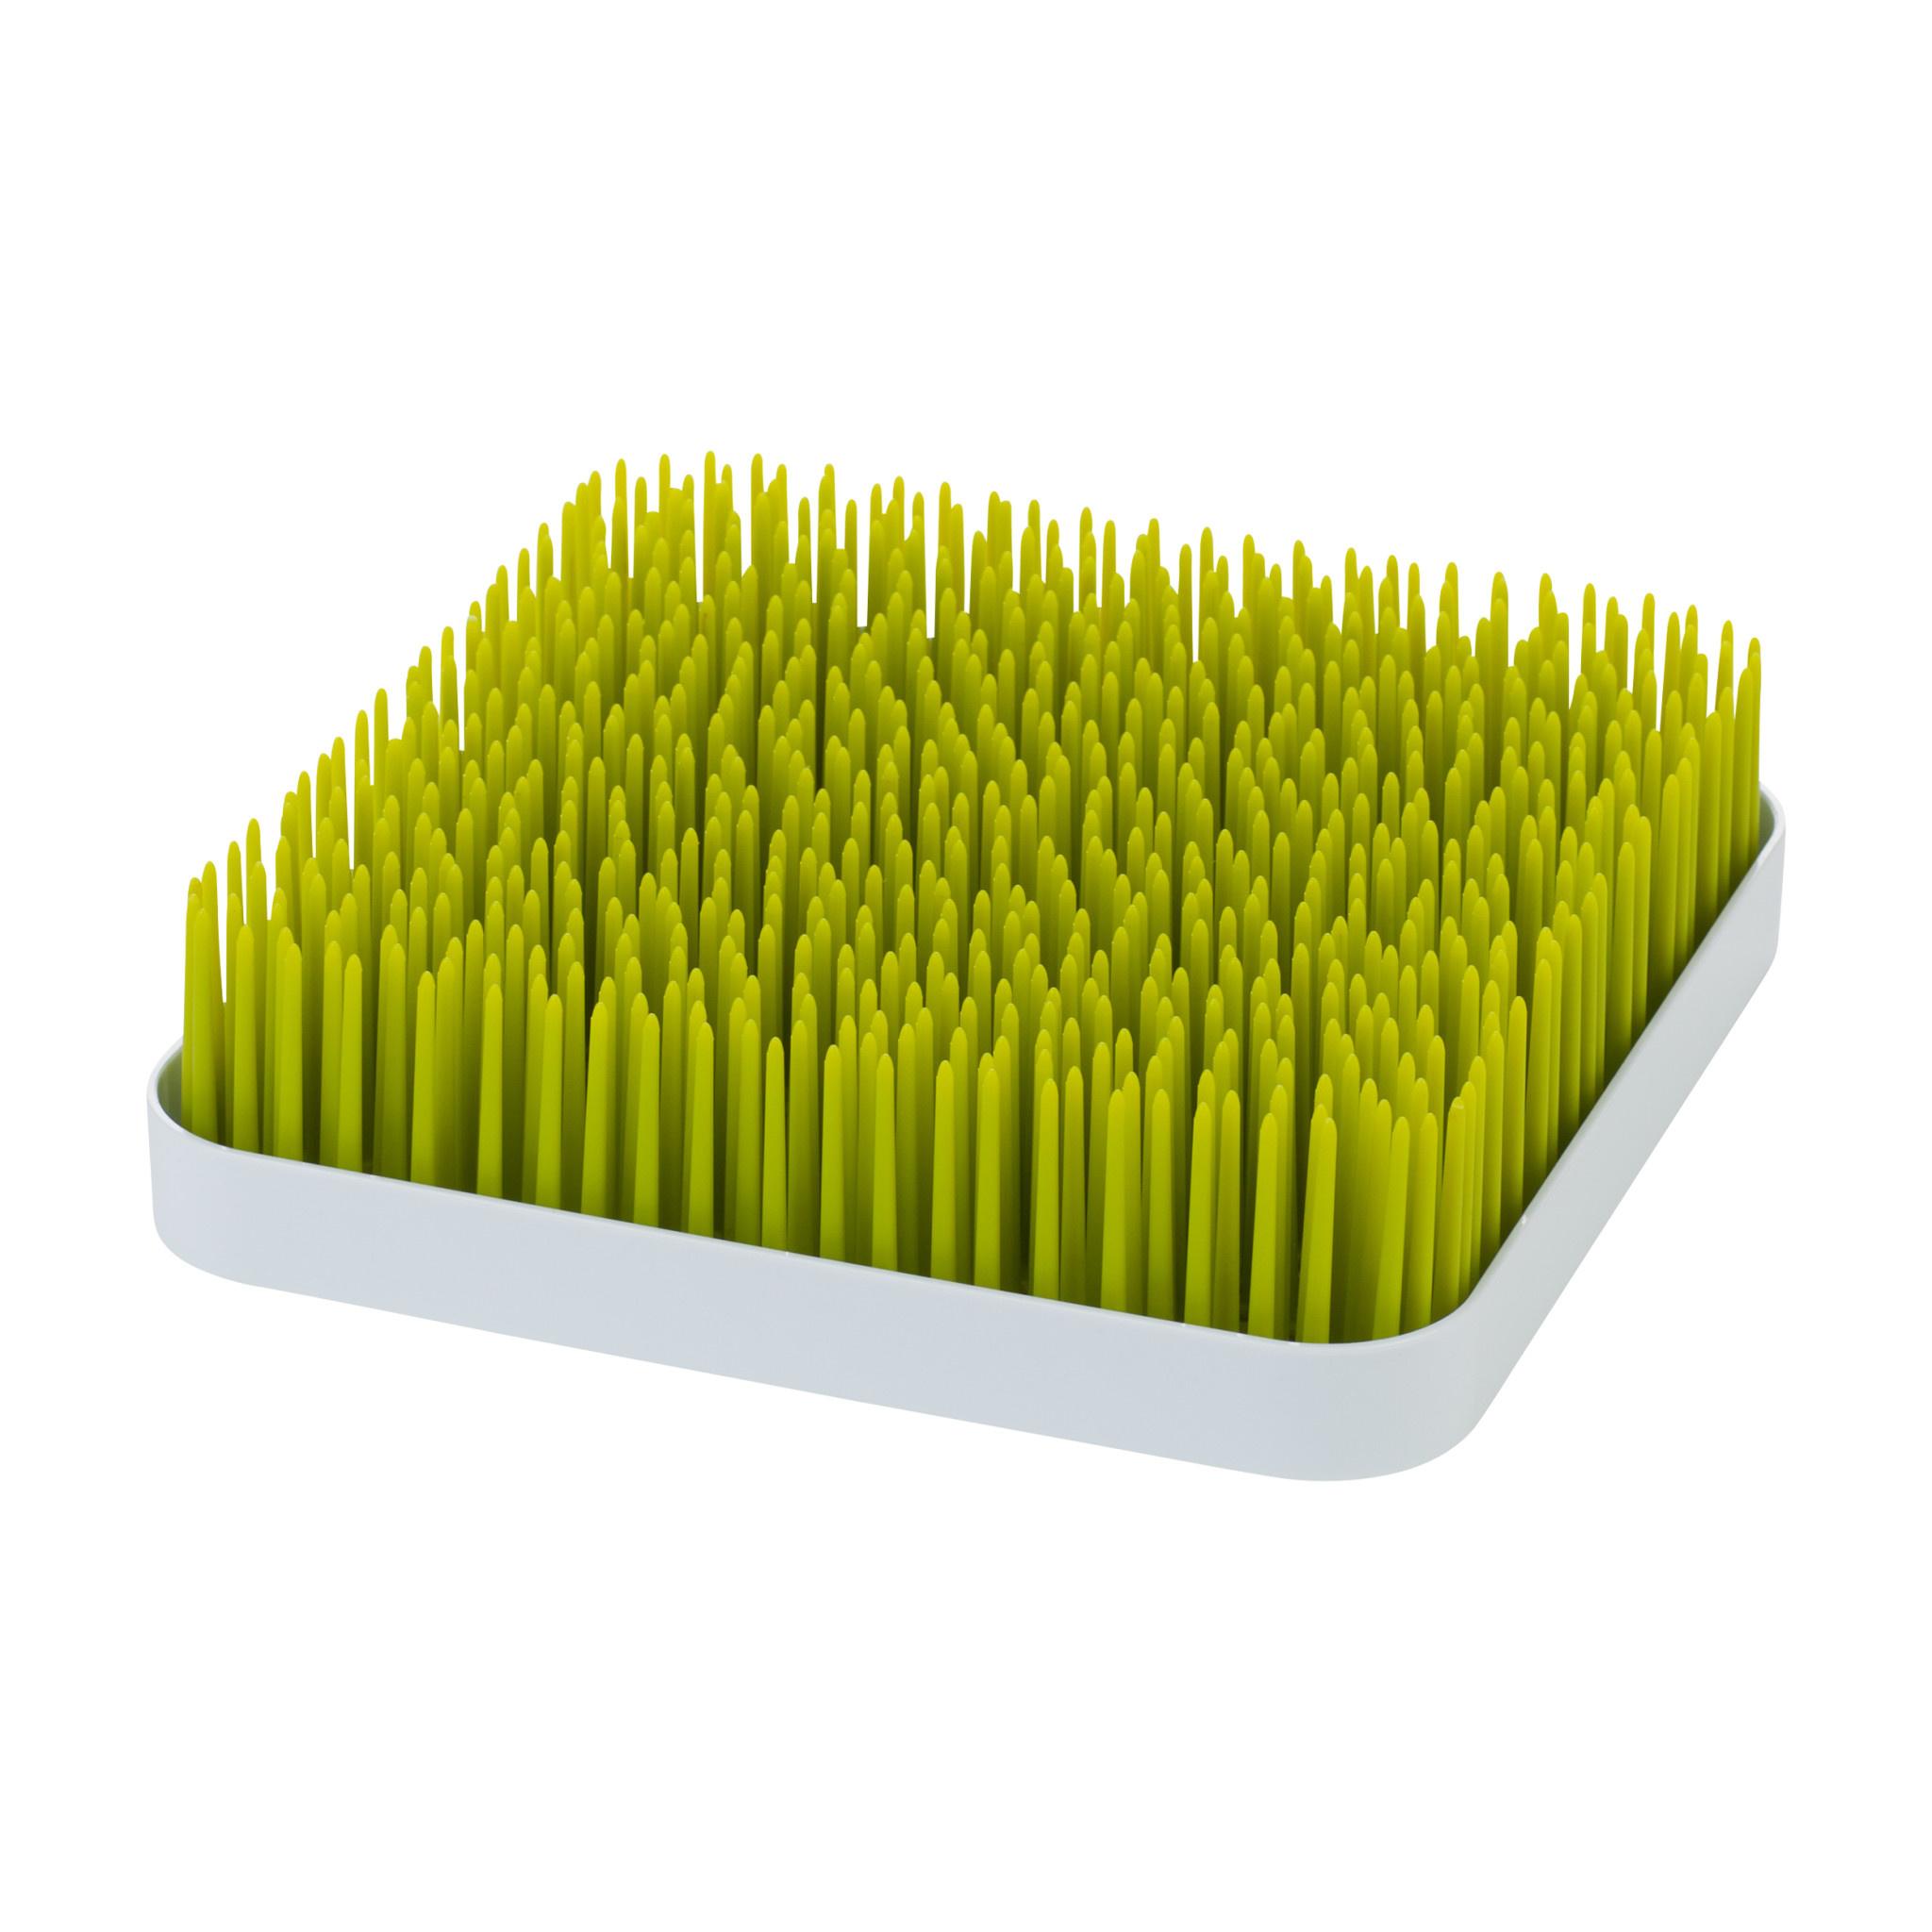 Afdruiprekje grass groen-1